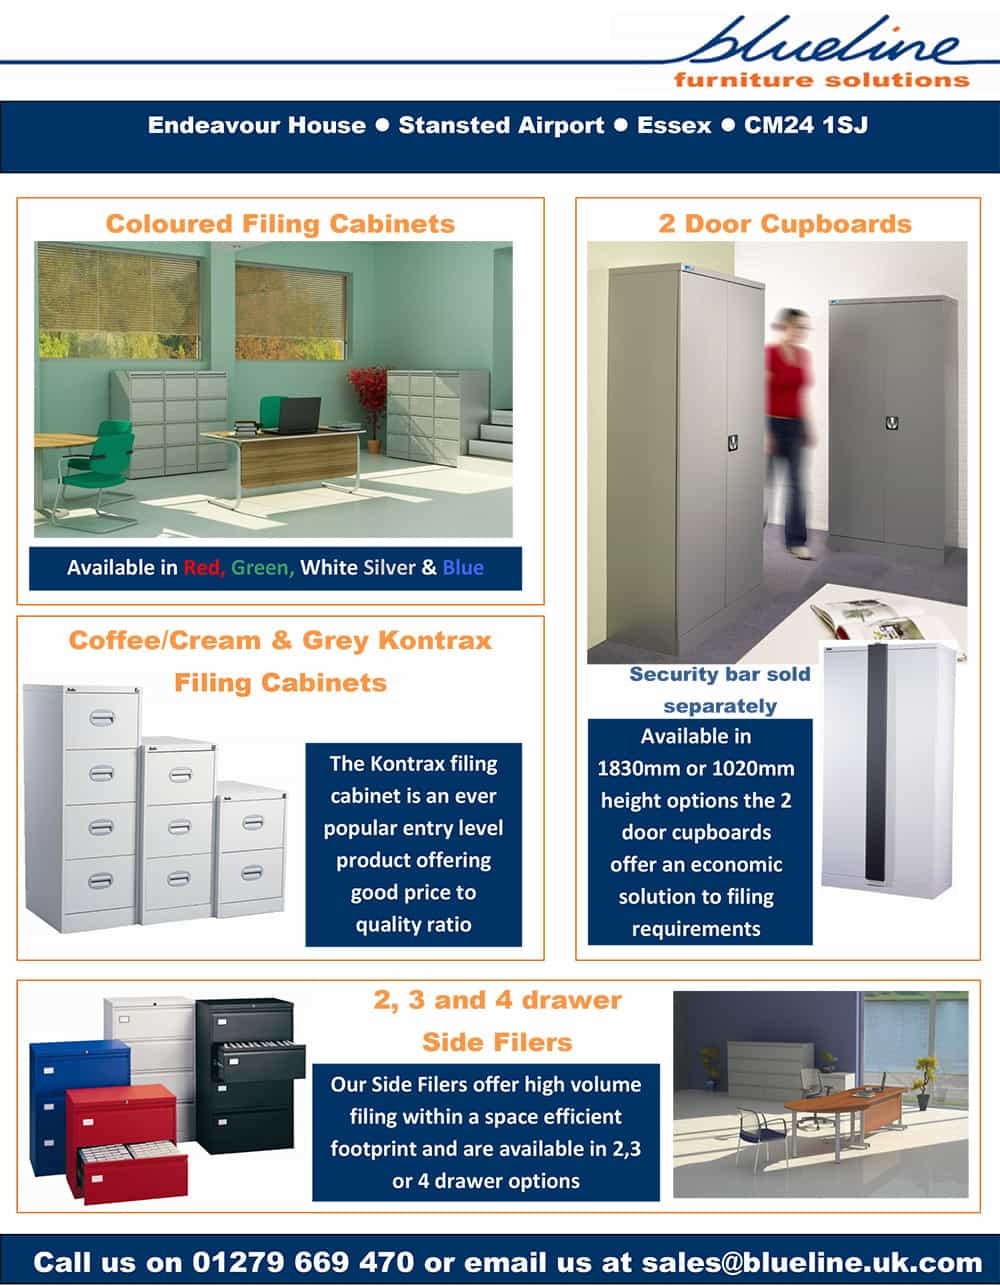 storage-flyer